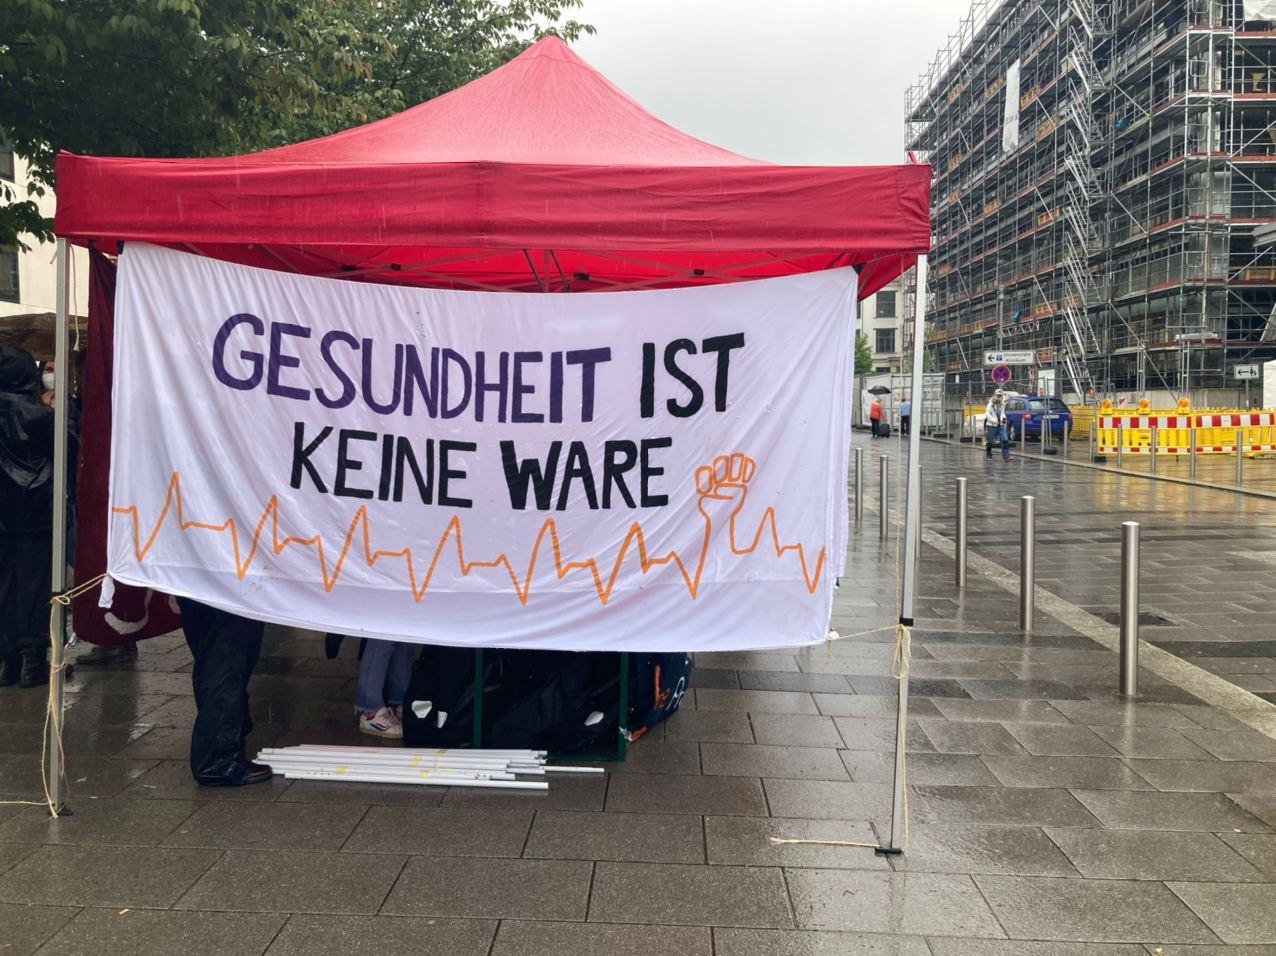 Aus Anlass des Internationalen Tags der Pflege am 12. Mai 2021 forderten die Linke Leipzig, die Gewerkschaft verdi, der SDS und andere ortsansässige Initiativen eine Verbesserung der Arbeitsbedingungen in der Pflege. Foto: Birthe Kleemann